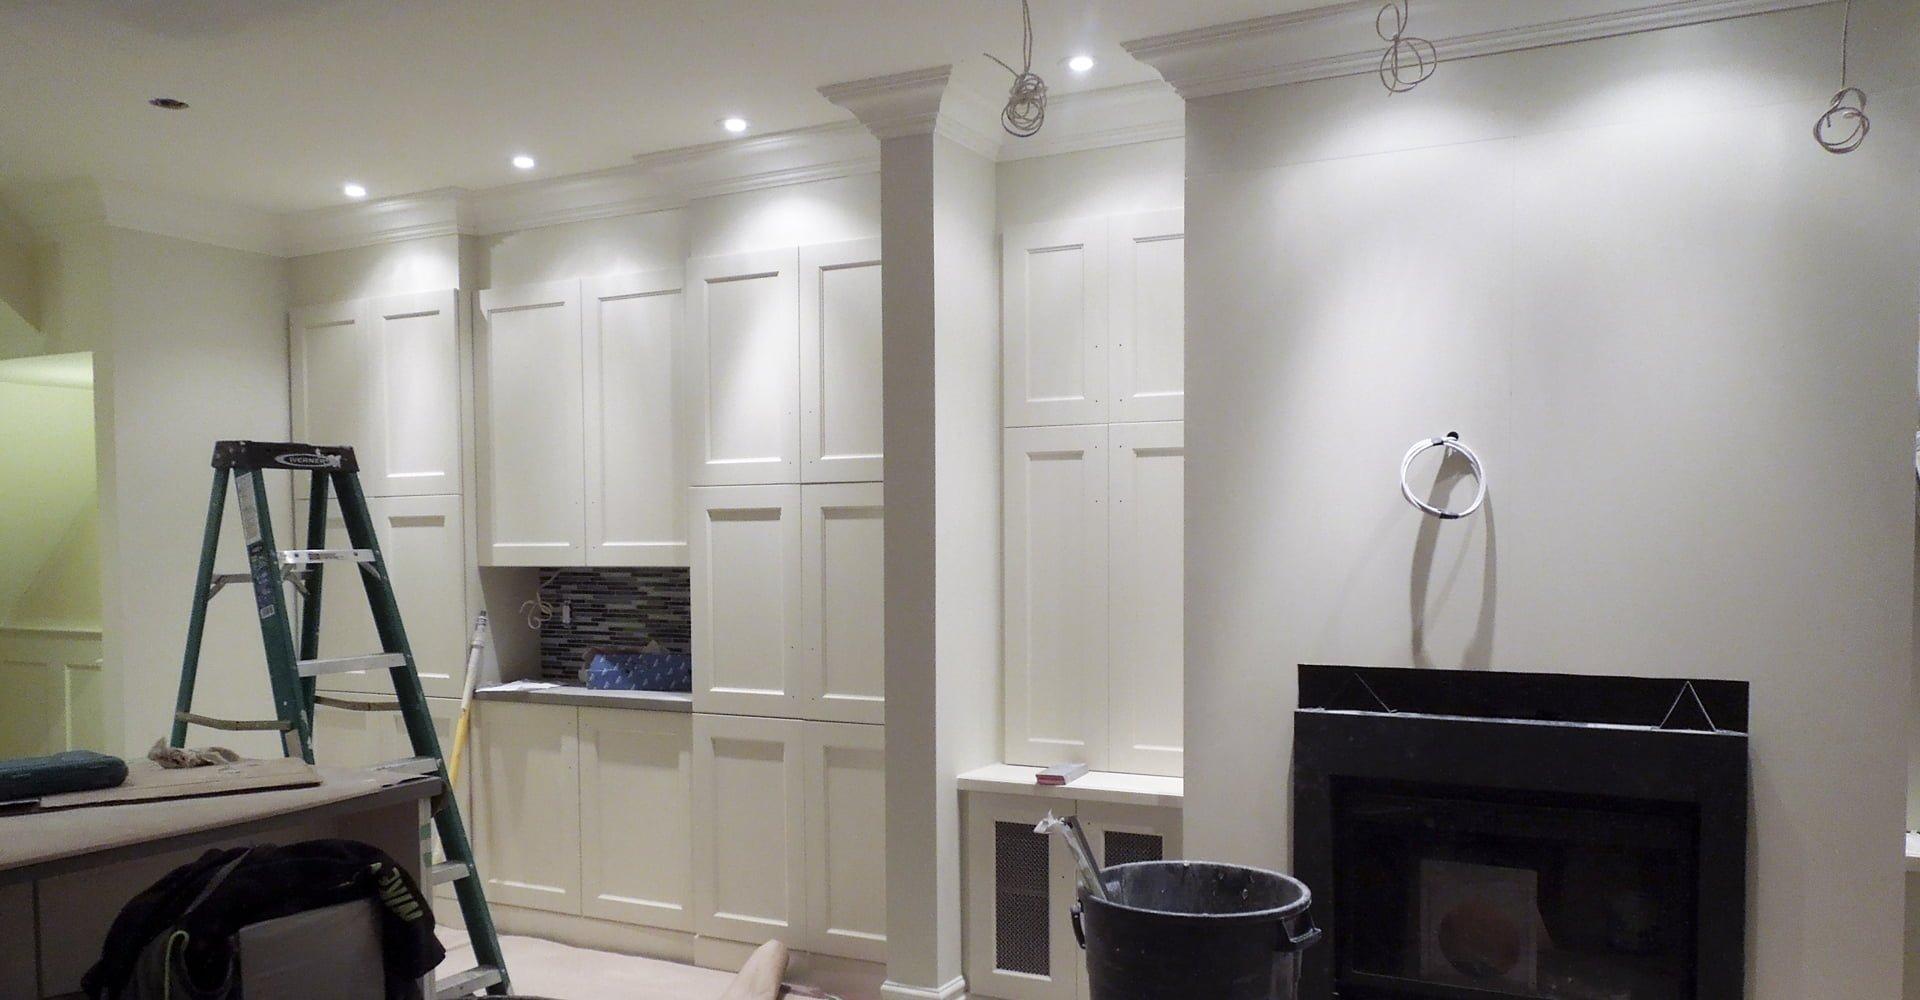 Nearly-finished basement